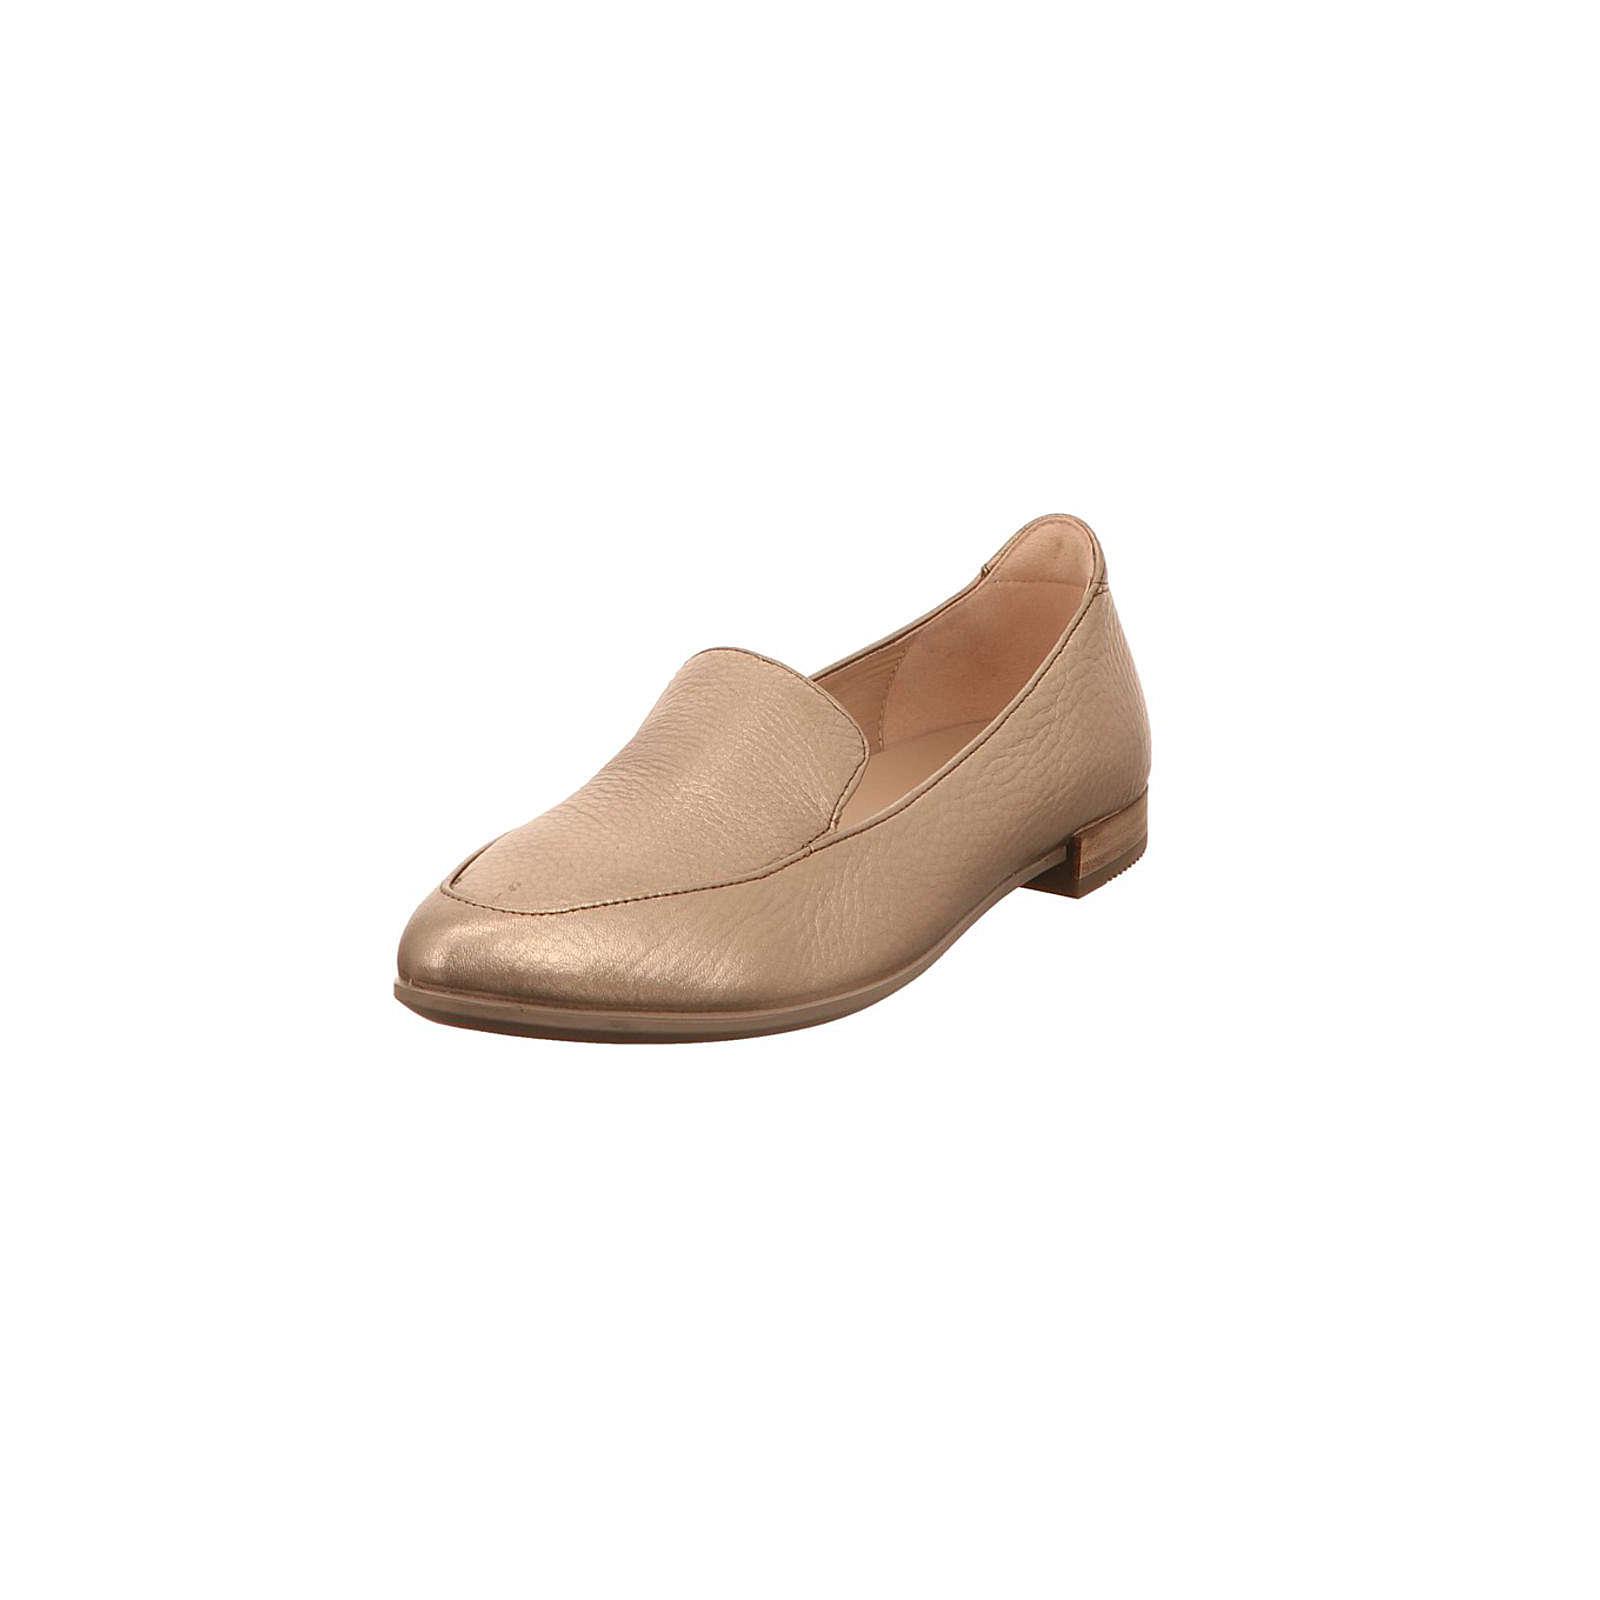 ecco Klassische Slipper bronze Damen Gr. 37